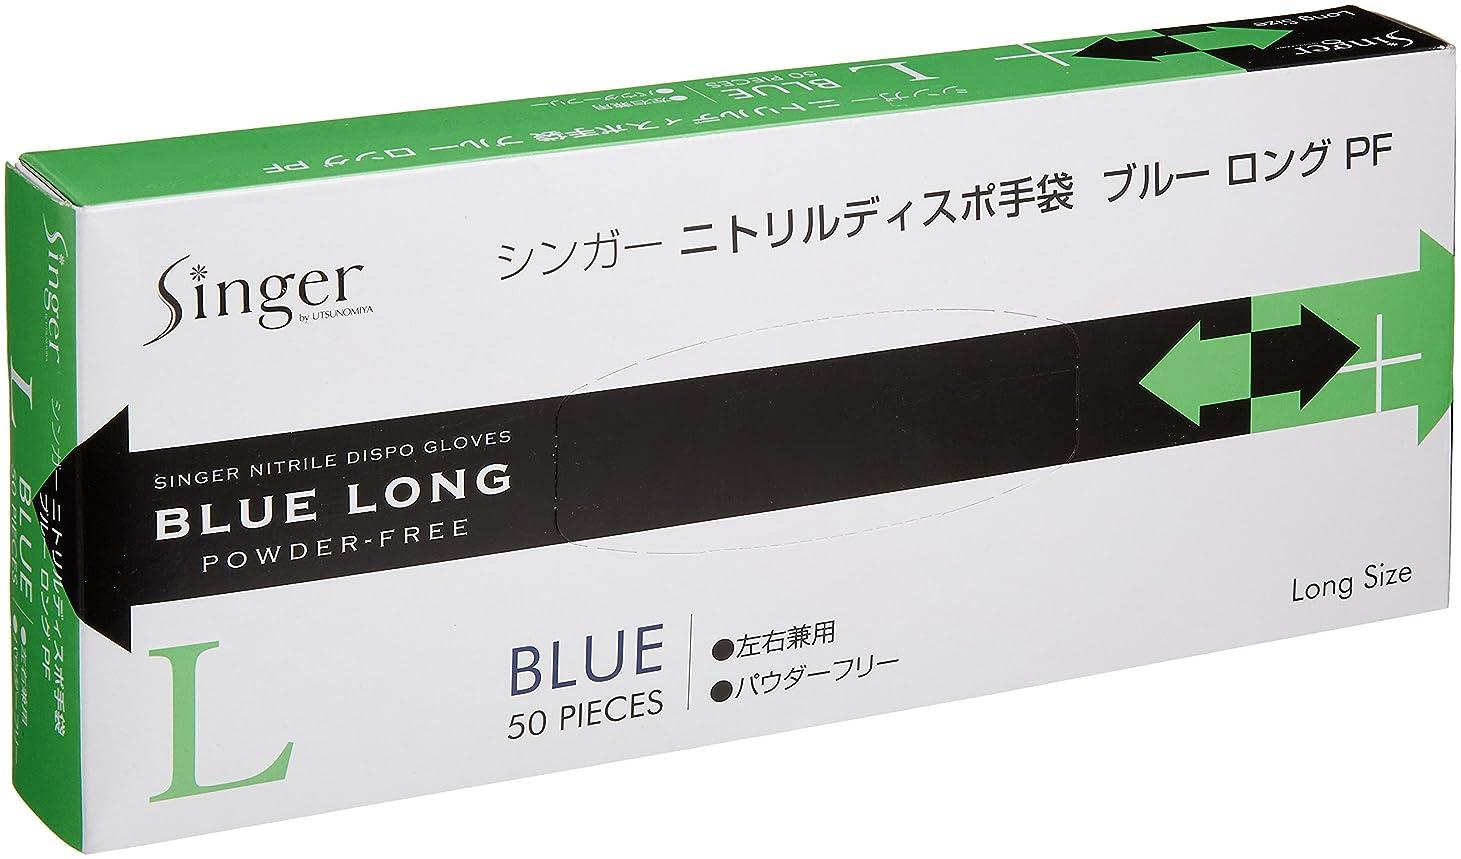 薄める決して固めるシンガーニトリルディスポ手袋 ブルーロング パウダーフリー(50枚) L